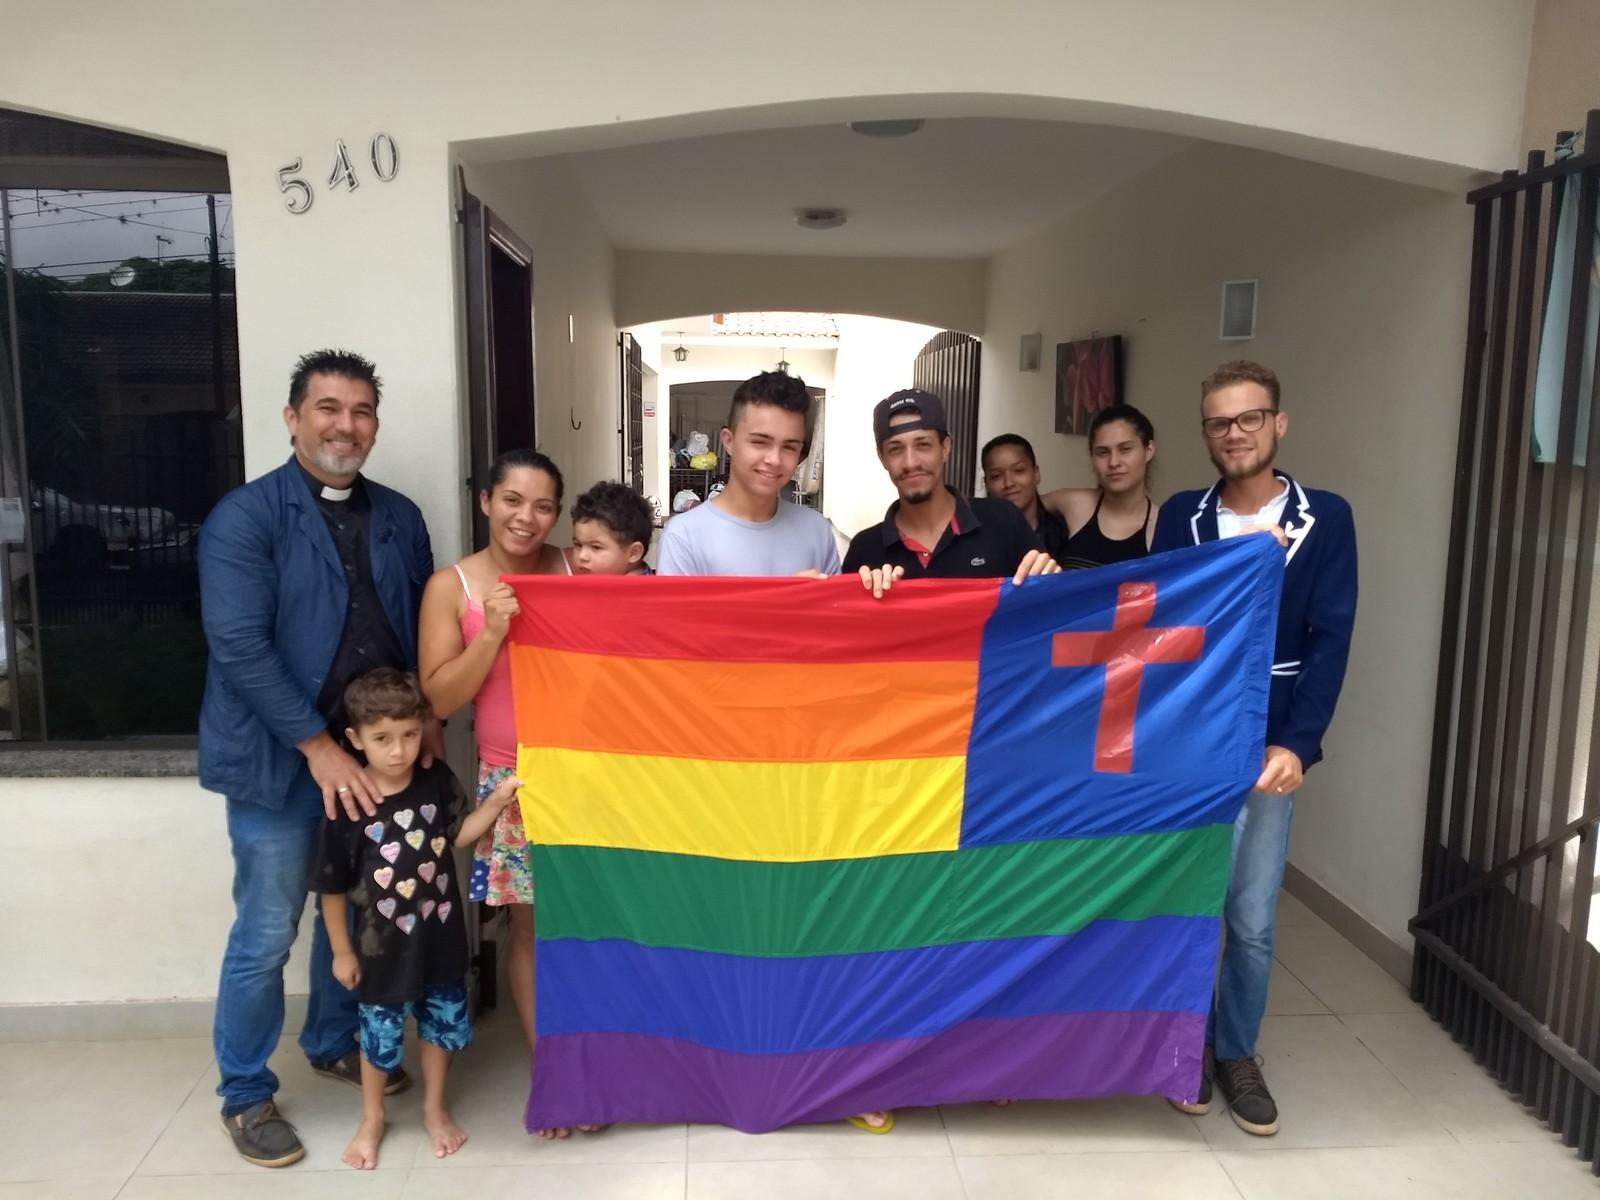 Diretores e parte dos moradores da Casa de Missão Amor Gratuito de Maringá, no norte do Paraná, na quinta-feira (7). (Foto: Ederson Hising/G1 PR